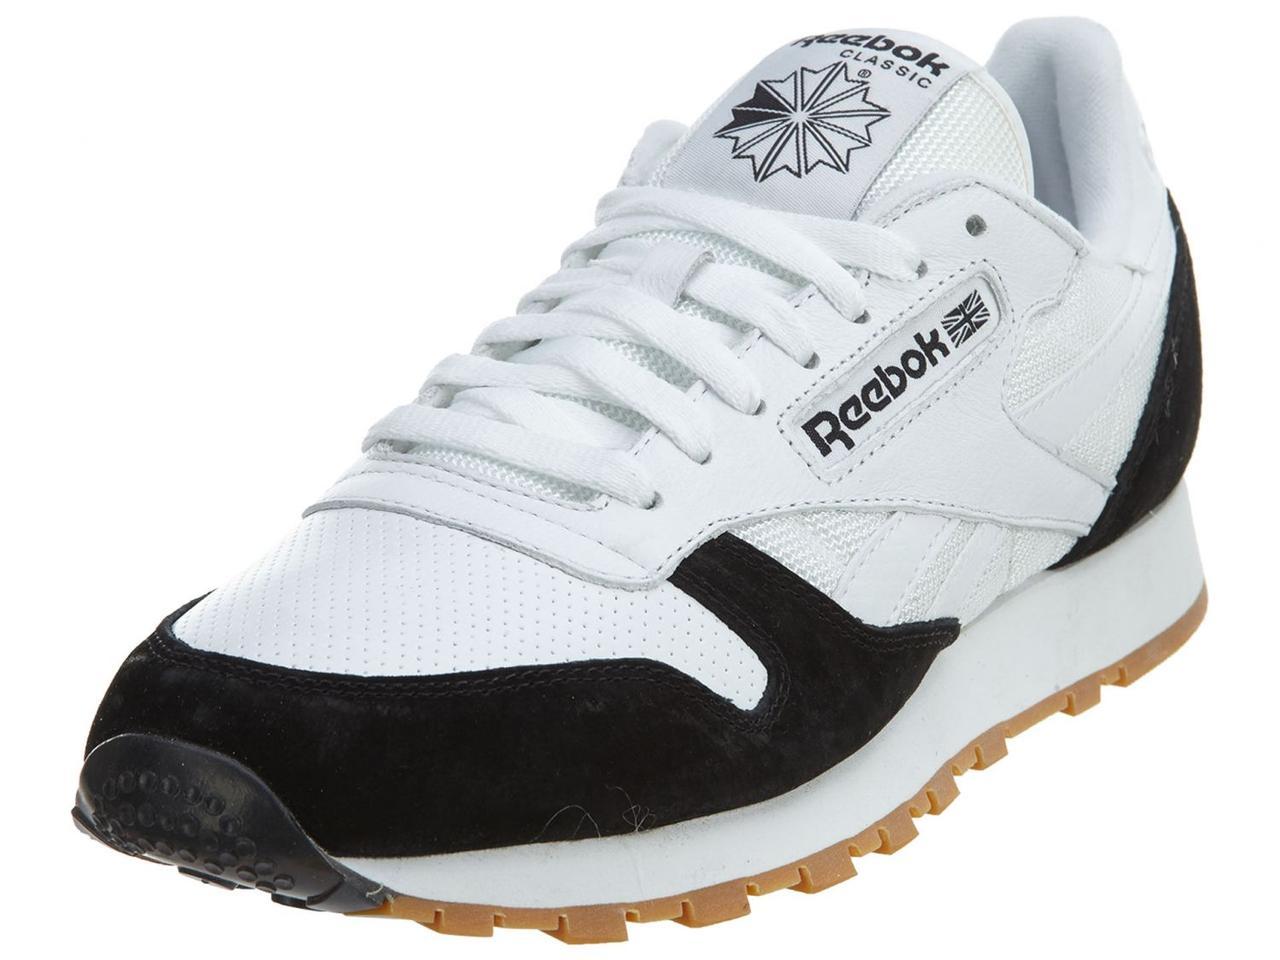 Мужские кроссовки Reebok Classic Fashion Leather White Black -  Интернет-магазин Shikari в Киеве 880096eca23